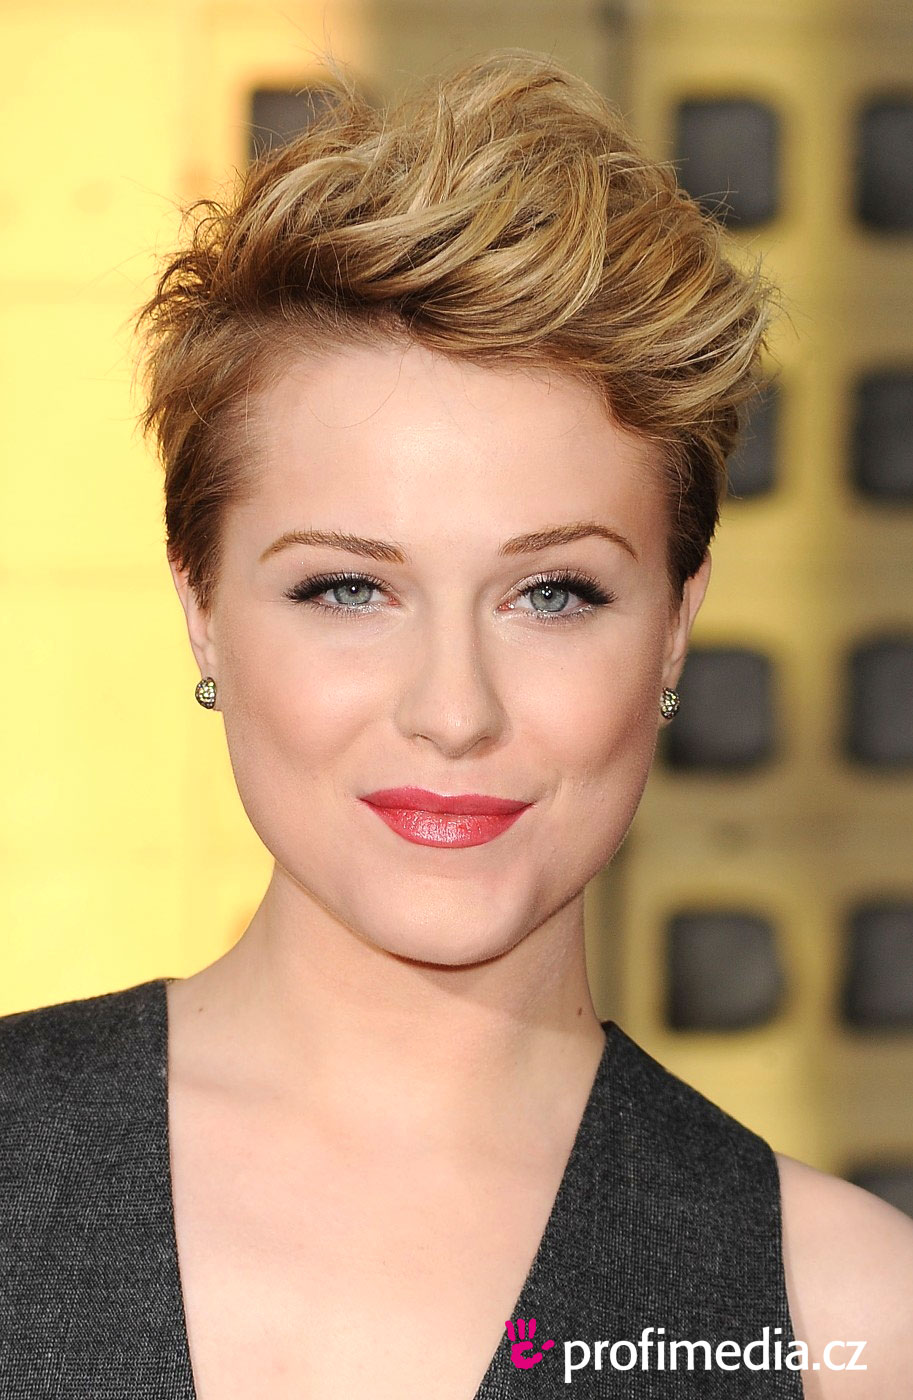 Evan Rachel Wood Hairstyle Easyhairstyler